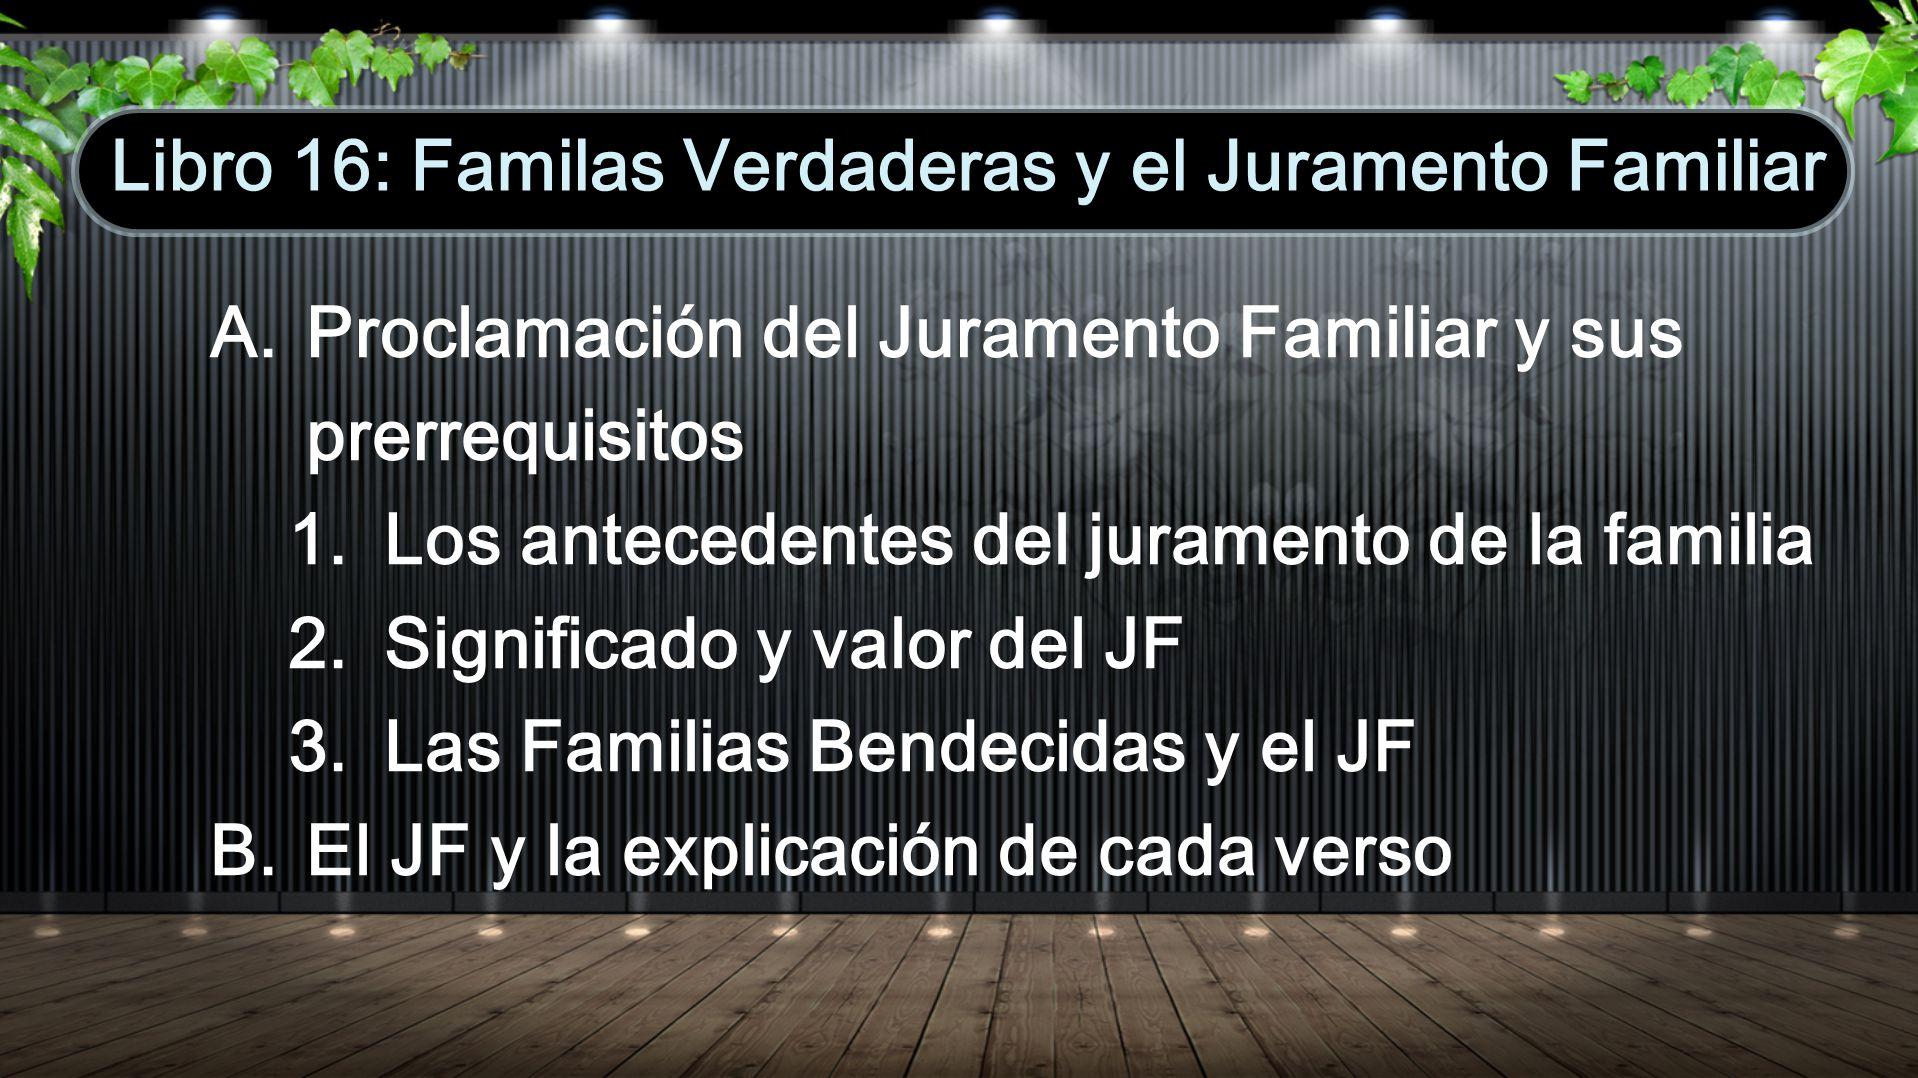 Libro 16: Familas Verdaderas y el Juramento Familiar